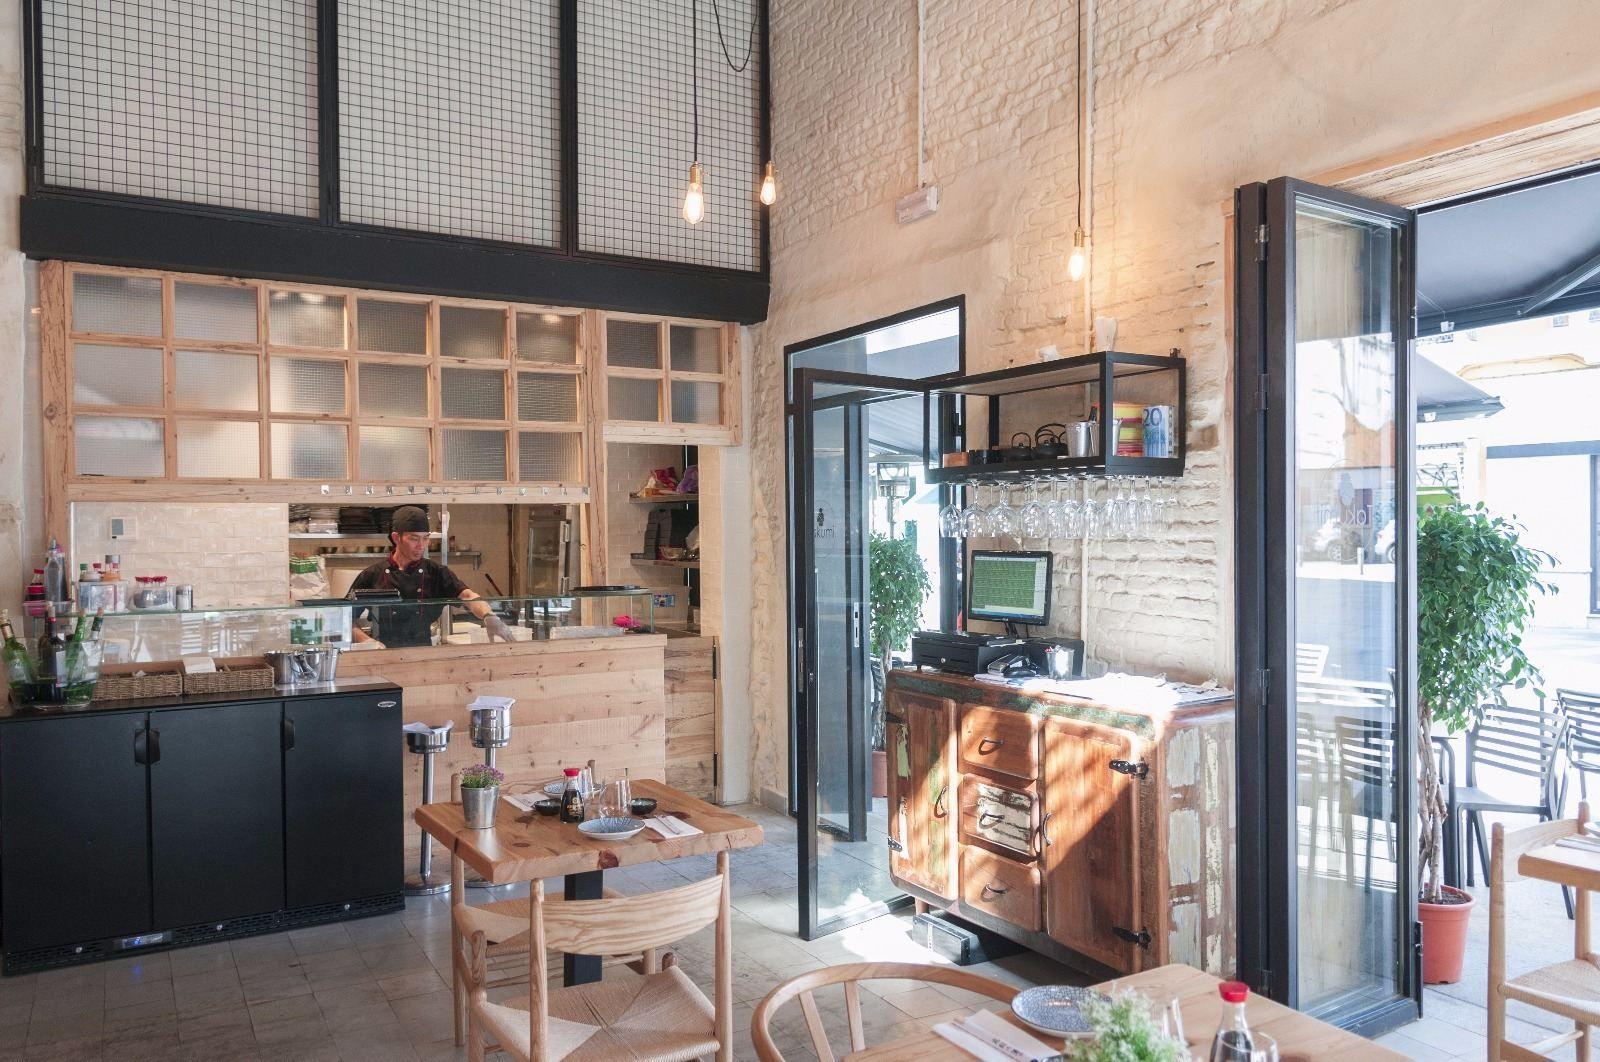 Restaurante japonés \'Takumi\'. Sevilla. | Nuestros Proyectos de ...